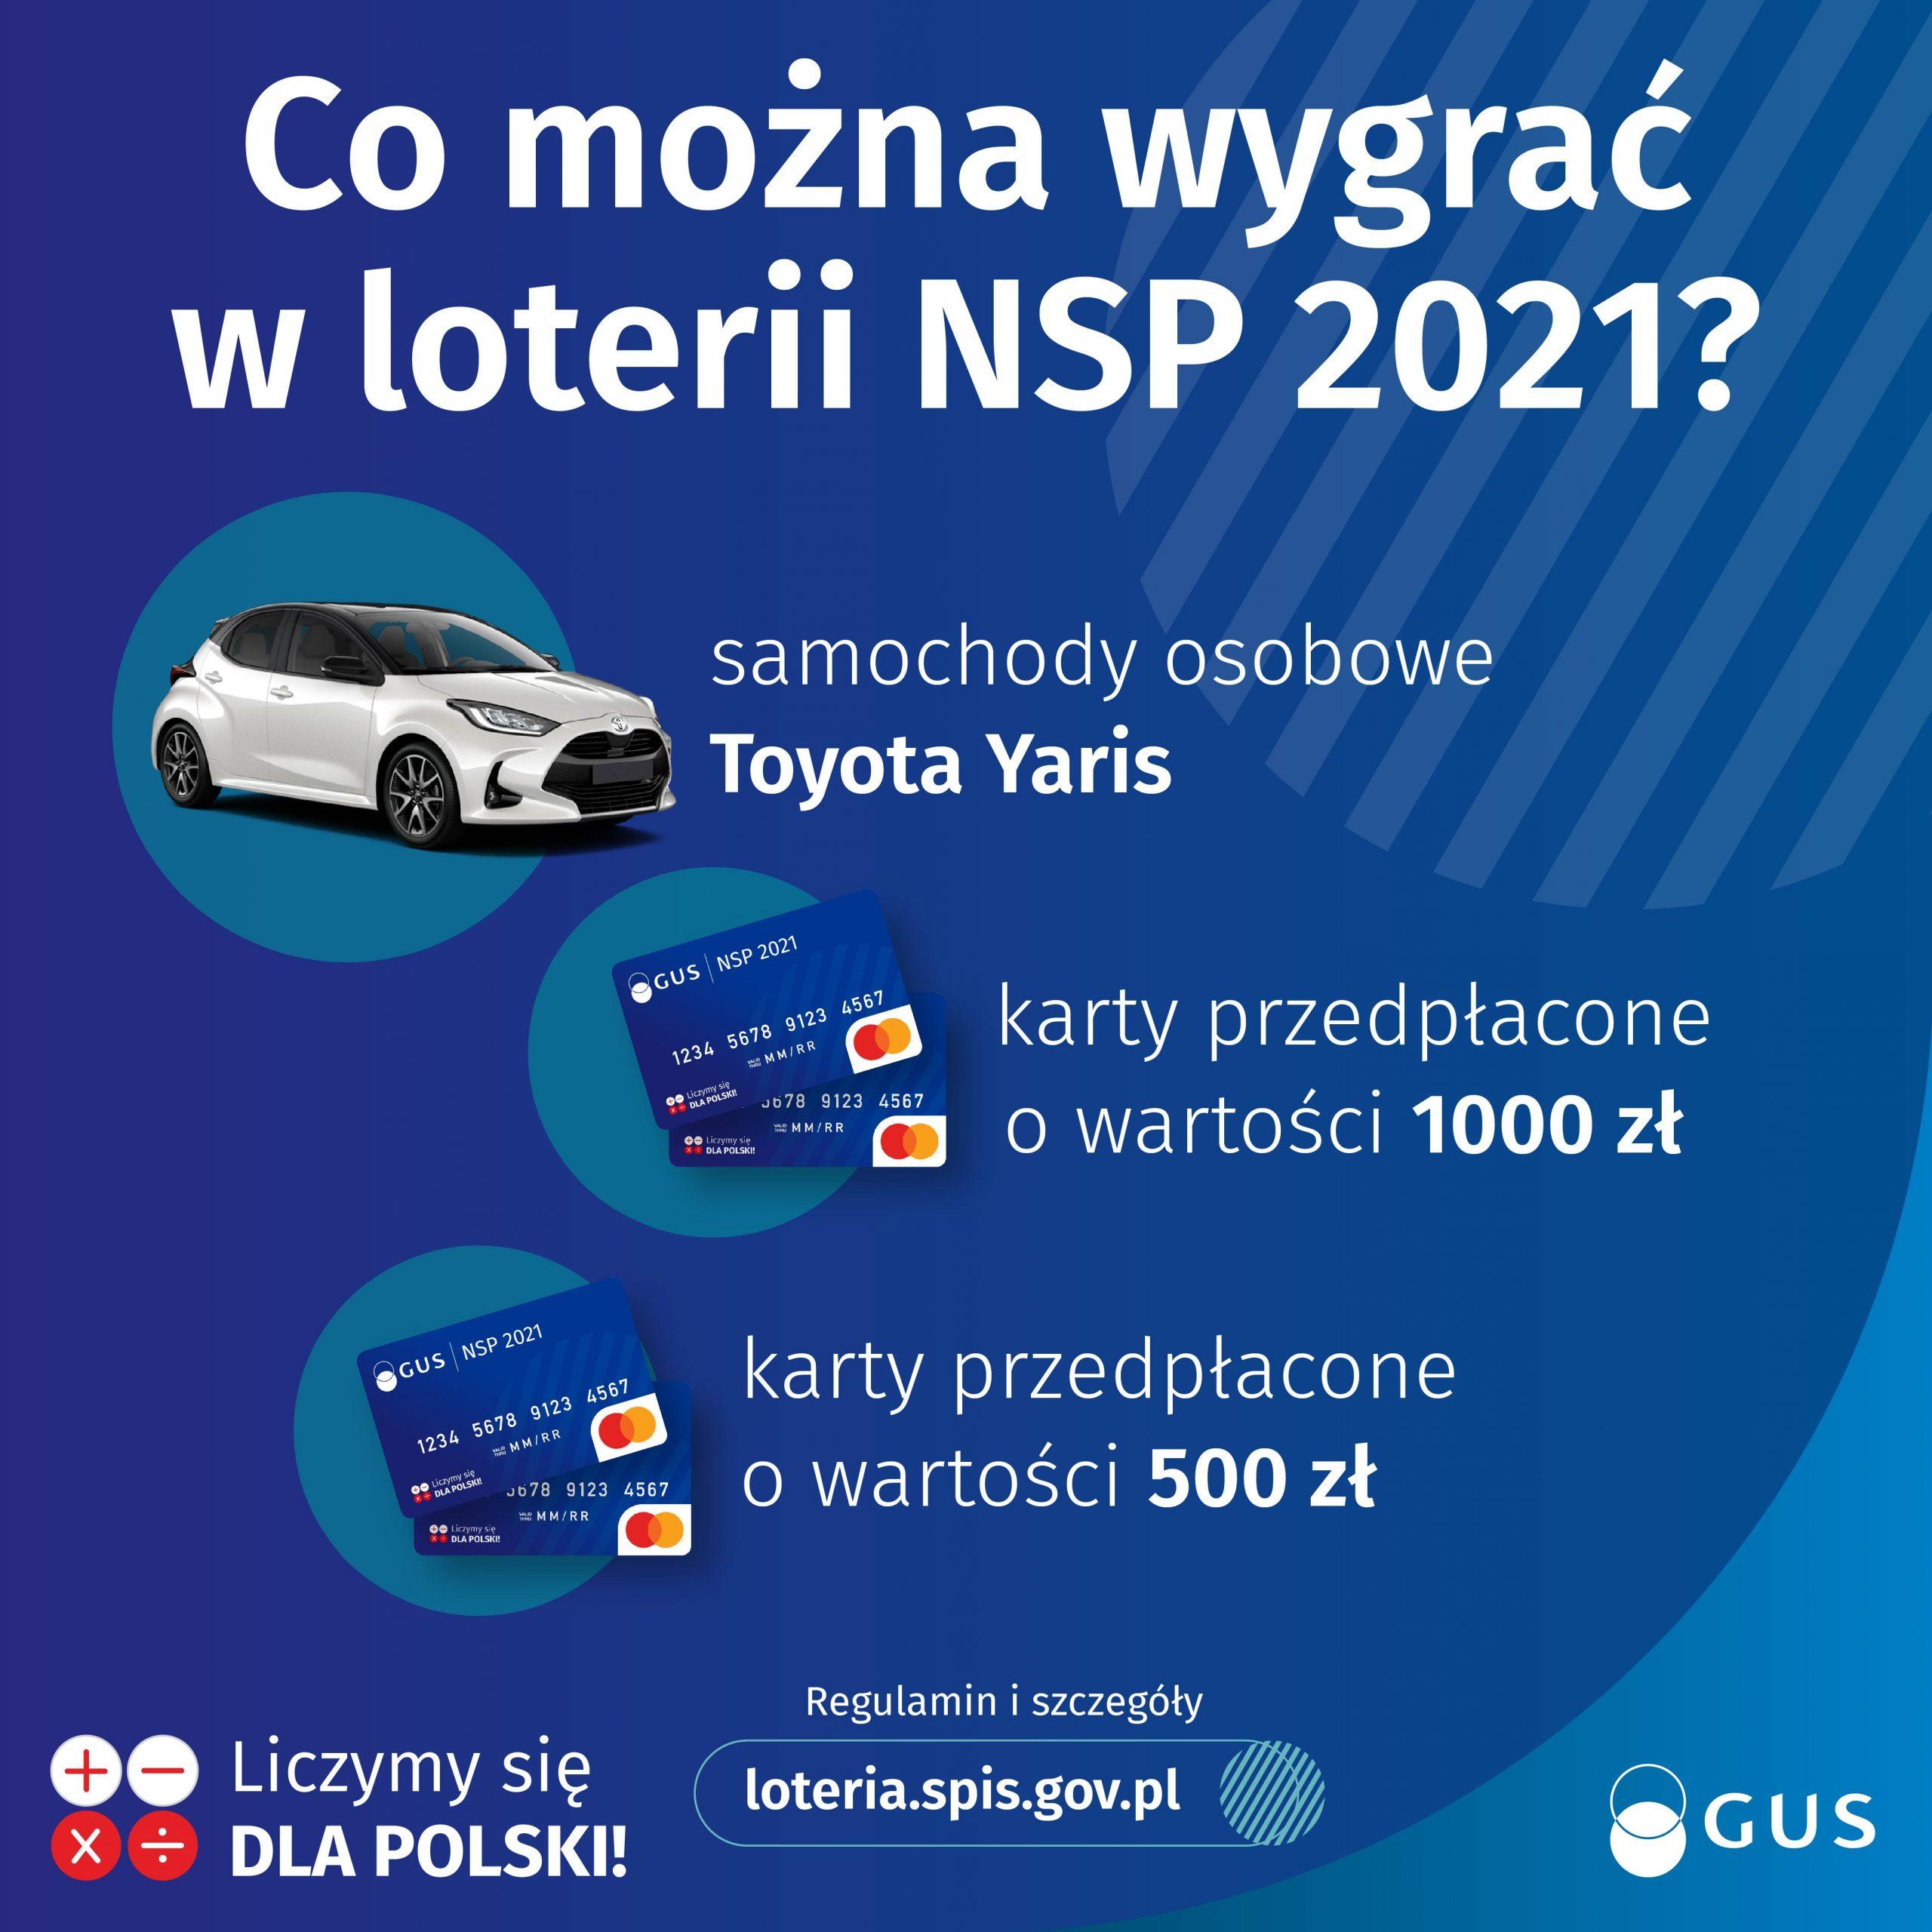 Co można wygrać w loterii NSP 2021?